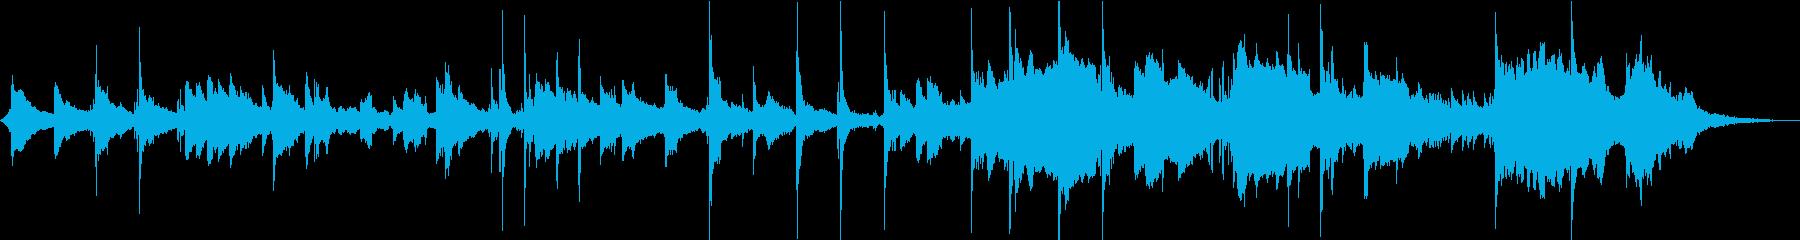 サラサラ ジャズ モダン テクノ ...の再生済みの波形